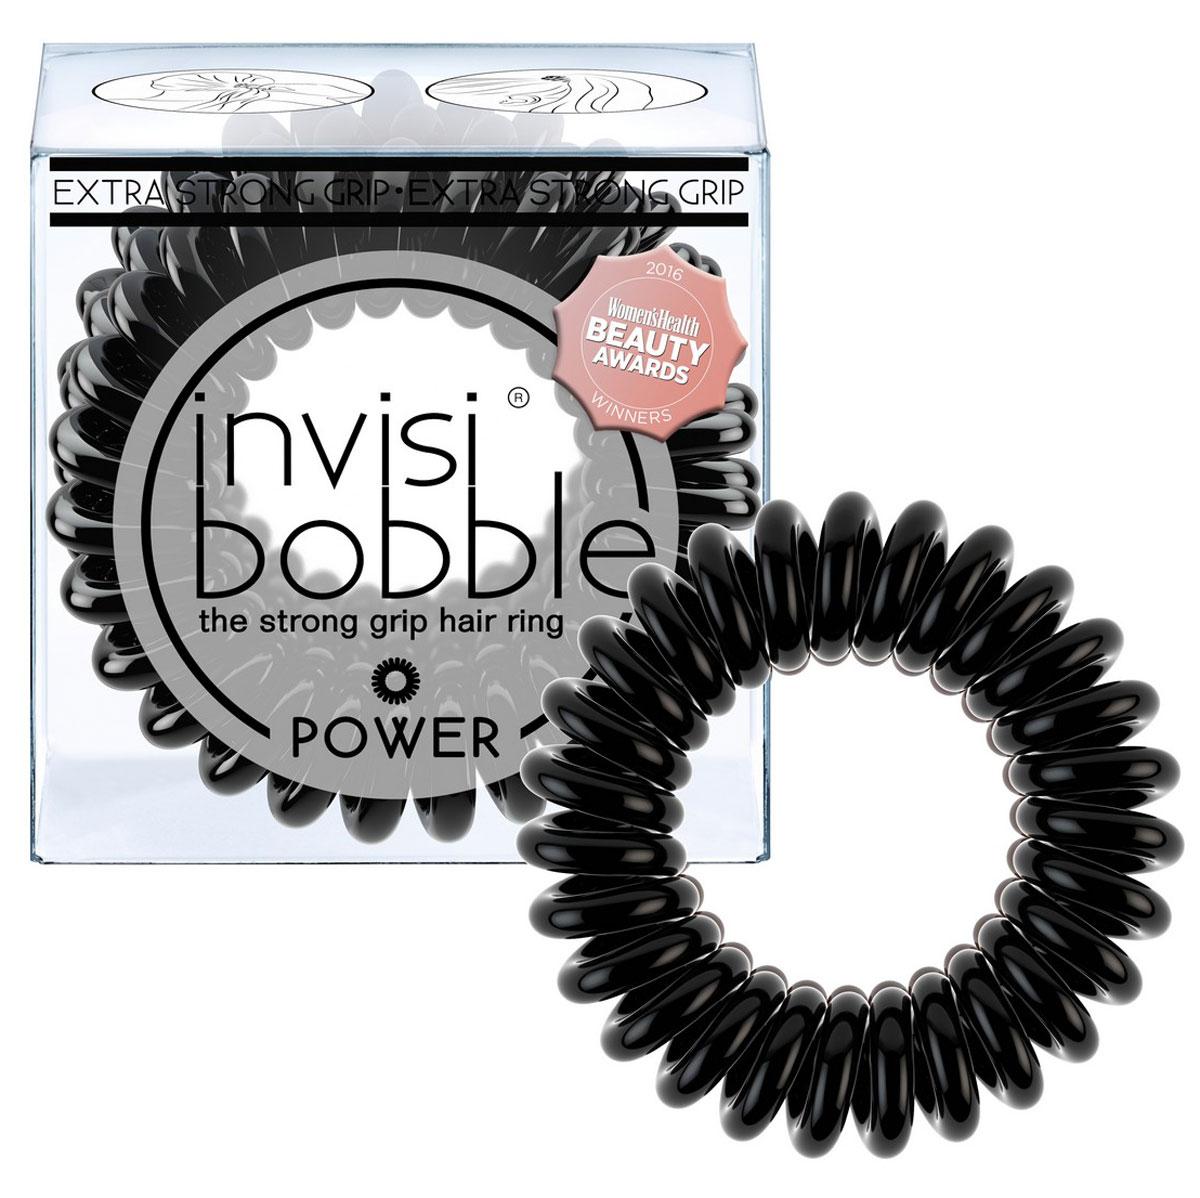 Invisibobble Резинка-браслет для волос Power True Black, 3 шт3052Оттенок invisibobble true black из коллекции POWER для всех, кто придерживается классического стиля! Коллекция invisibobble POWER создана для всех, кто ведет активный образ жизни! Резинки-браслеты invisibobble POWER немного больше в размере, чем invisibobble ORIGINAL, а также имеют более плотные витки. Это позволяет плотно фиксировать волосы во время занятий спортом и активного отдыха. invisibobble POWER также идеальны для густых волос. Резинки-браслеты invisibobble подходят для всех типов волос, надежно фиксируют причёску, не оставляют заломов и не вызывают головную боль благодаря неравномерному распределению давления на волосы. Кроме того, они не намокают и не вызывают аллергию при контакте с кожей, поскольку изготовлены из искусственной смолы. C резинками invisibobble можно легко создавать разные прически. Резинки прочно держат волосы любой длины, при этом не стягивая их слишком туго. «Телефонный провод» позволяет с легкостью и без вреда для волос протягивать пряди под спираль и ослаблять уже закрепленные для придания объема прическе. Увеличенный размер и более плотные витки invisibobble POWER позволяют прочно закрепить причёску во время занятий спортом, а также идеально подходят для объёмных и густых волос.Не комедогенна.